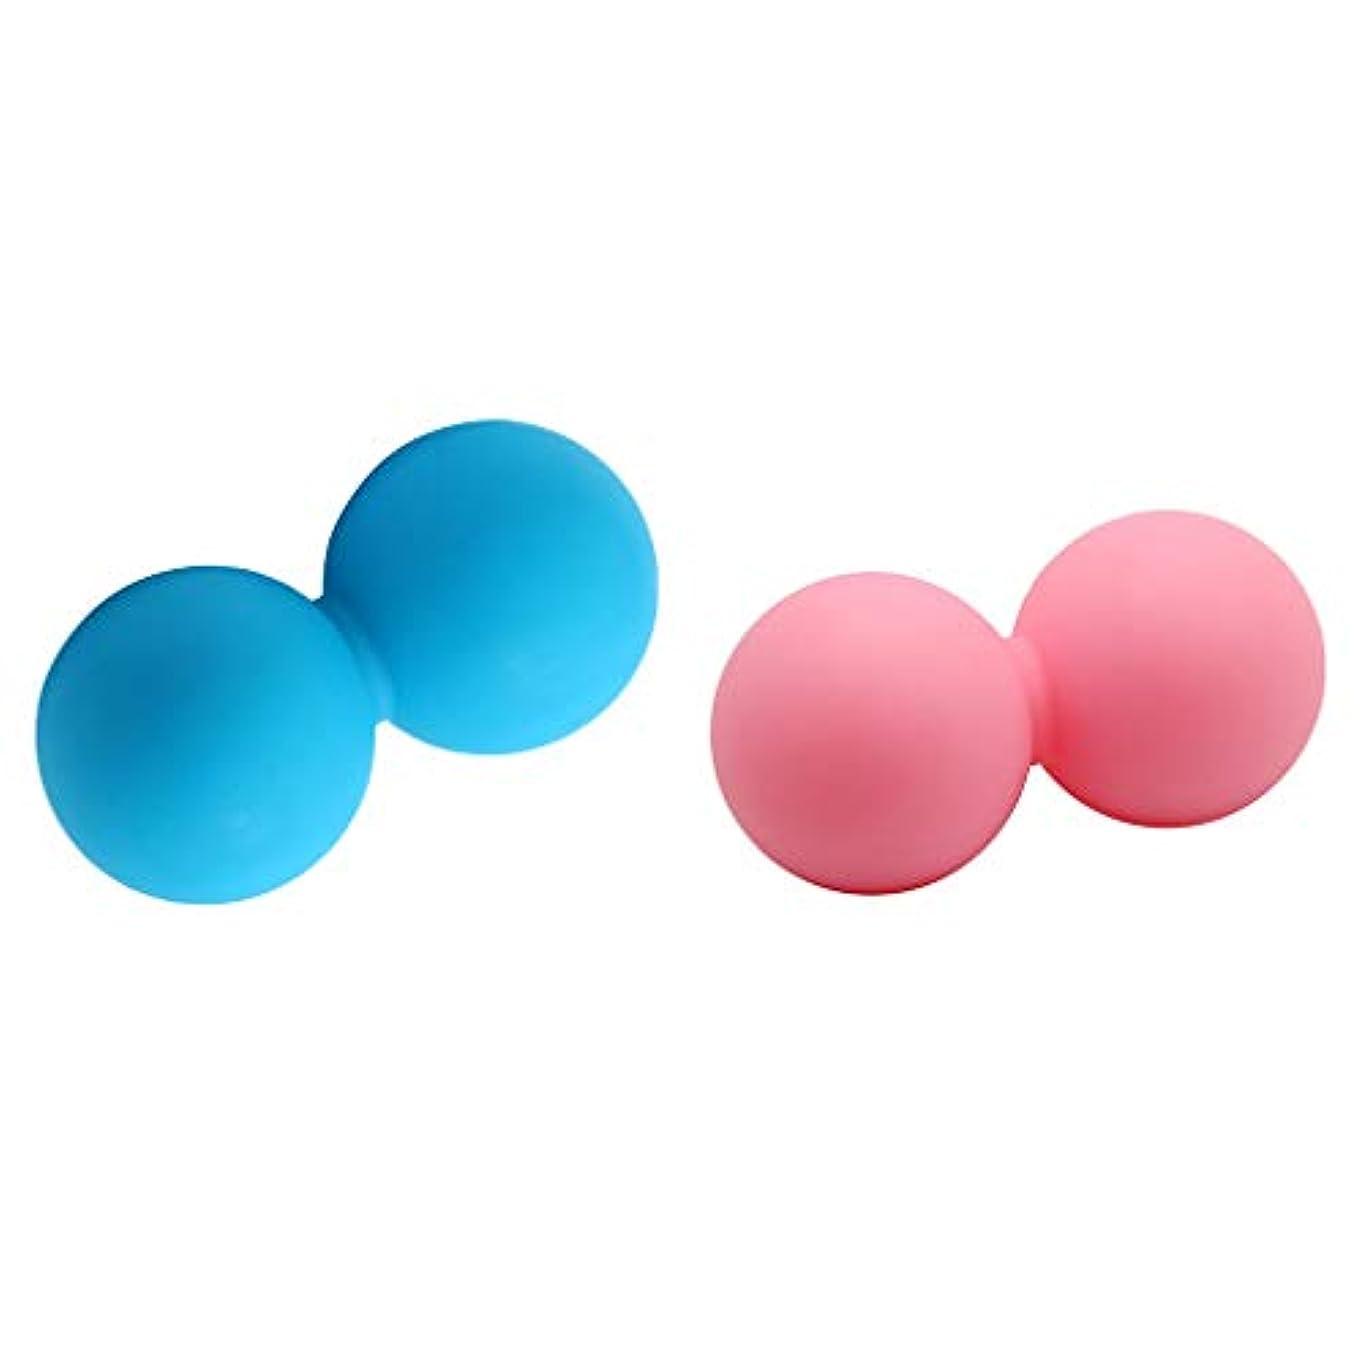 未亡人枠非公式2個 マッサージボール ピーナッツ ダブルラクロスマッサージボール 筋膜リリース 家庭、オフィス旅行